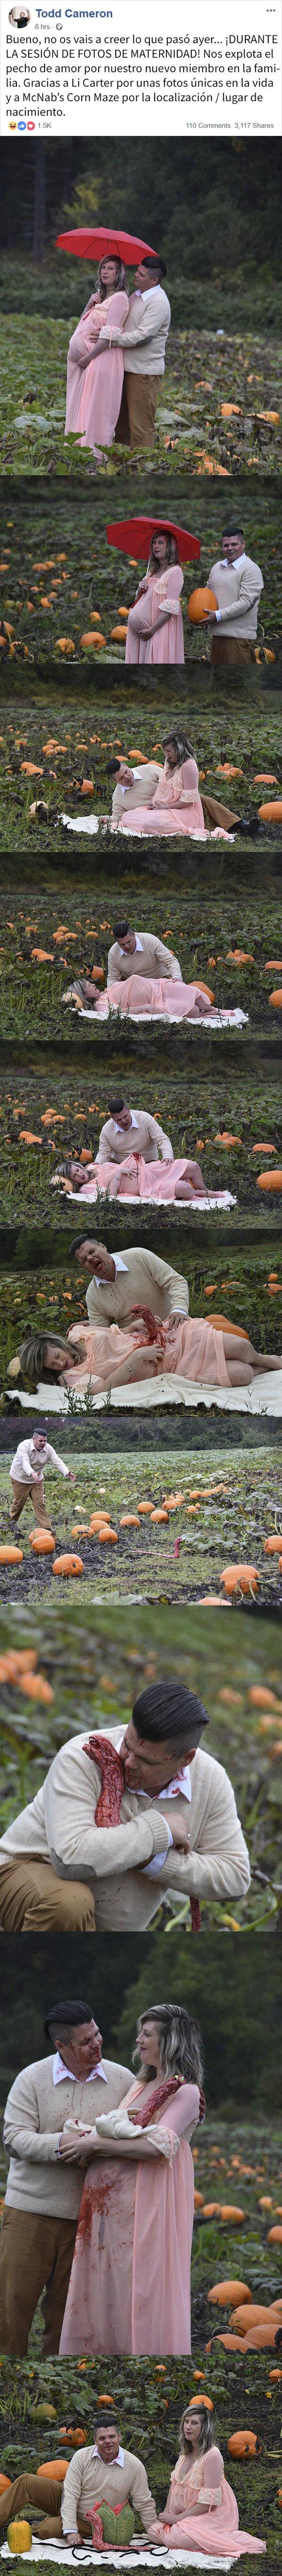 Meme_otros - Esta pareja de embarazados parecía disfrutar de una agradable comida el campo hasta que sucedió al